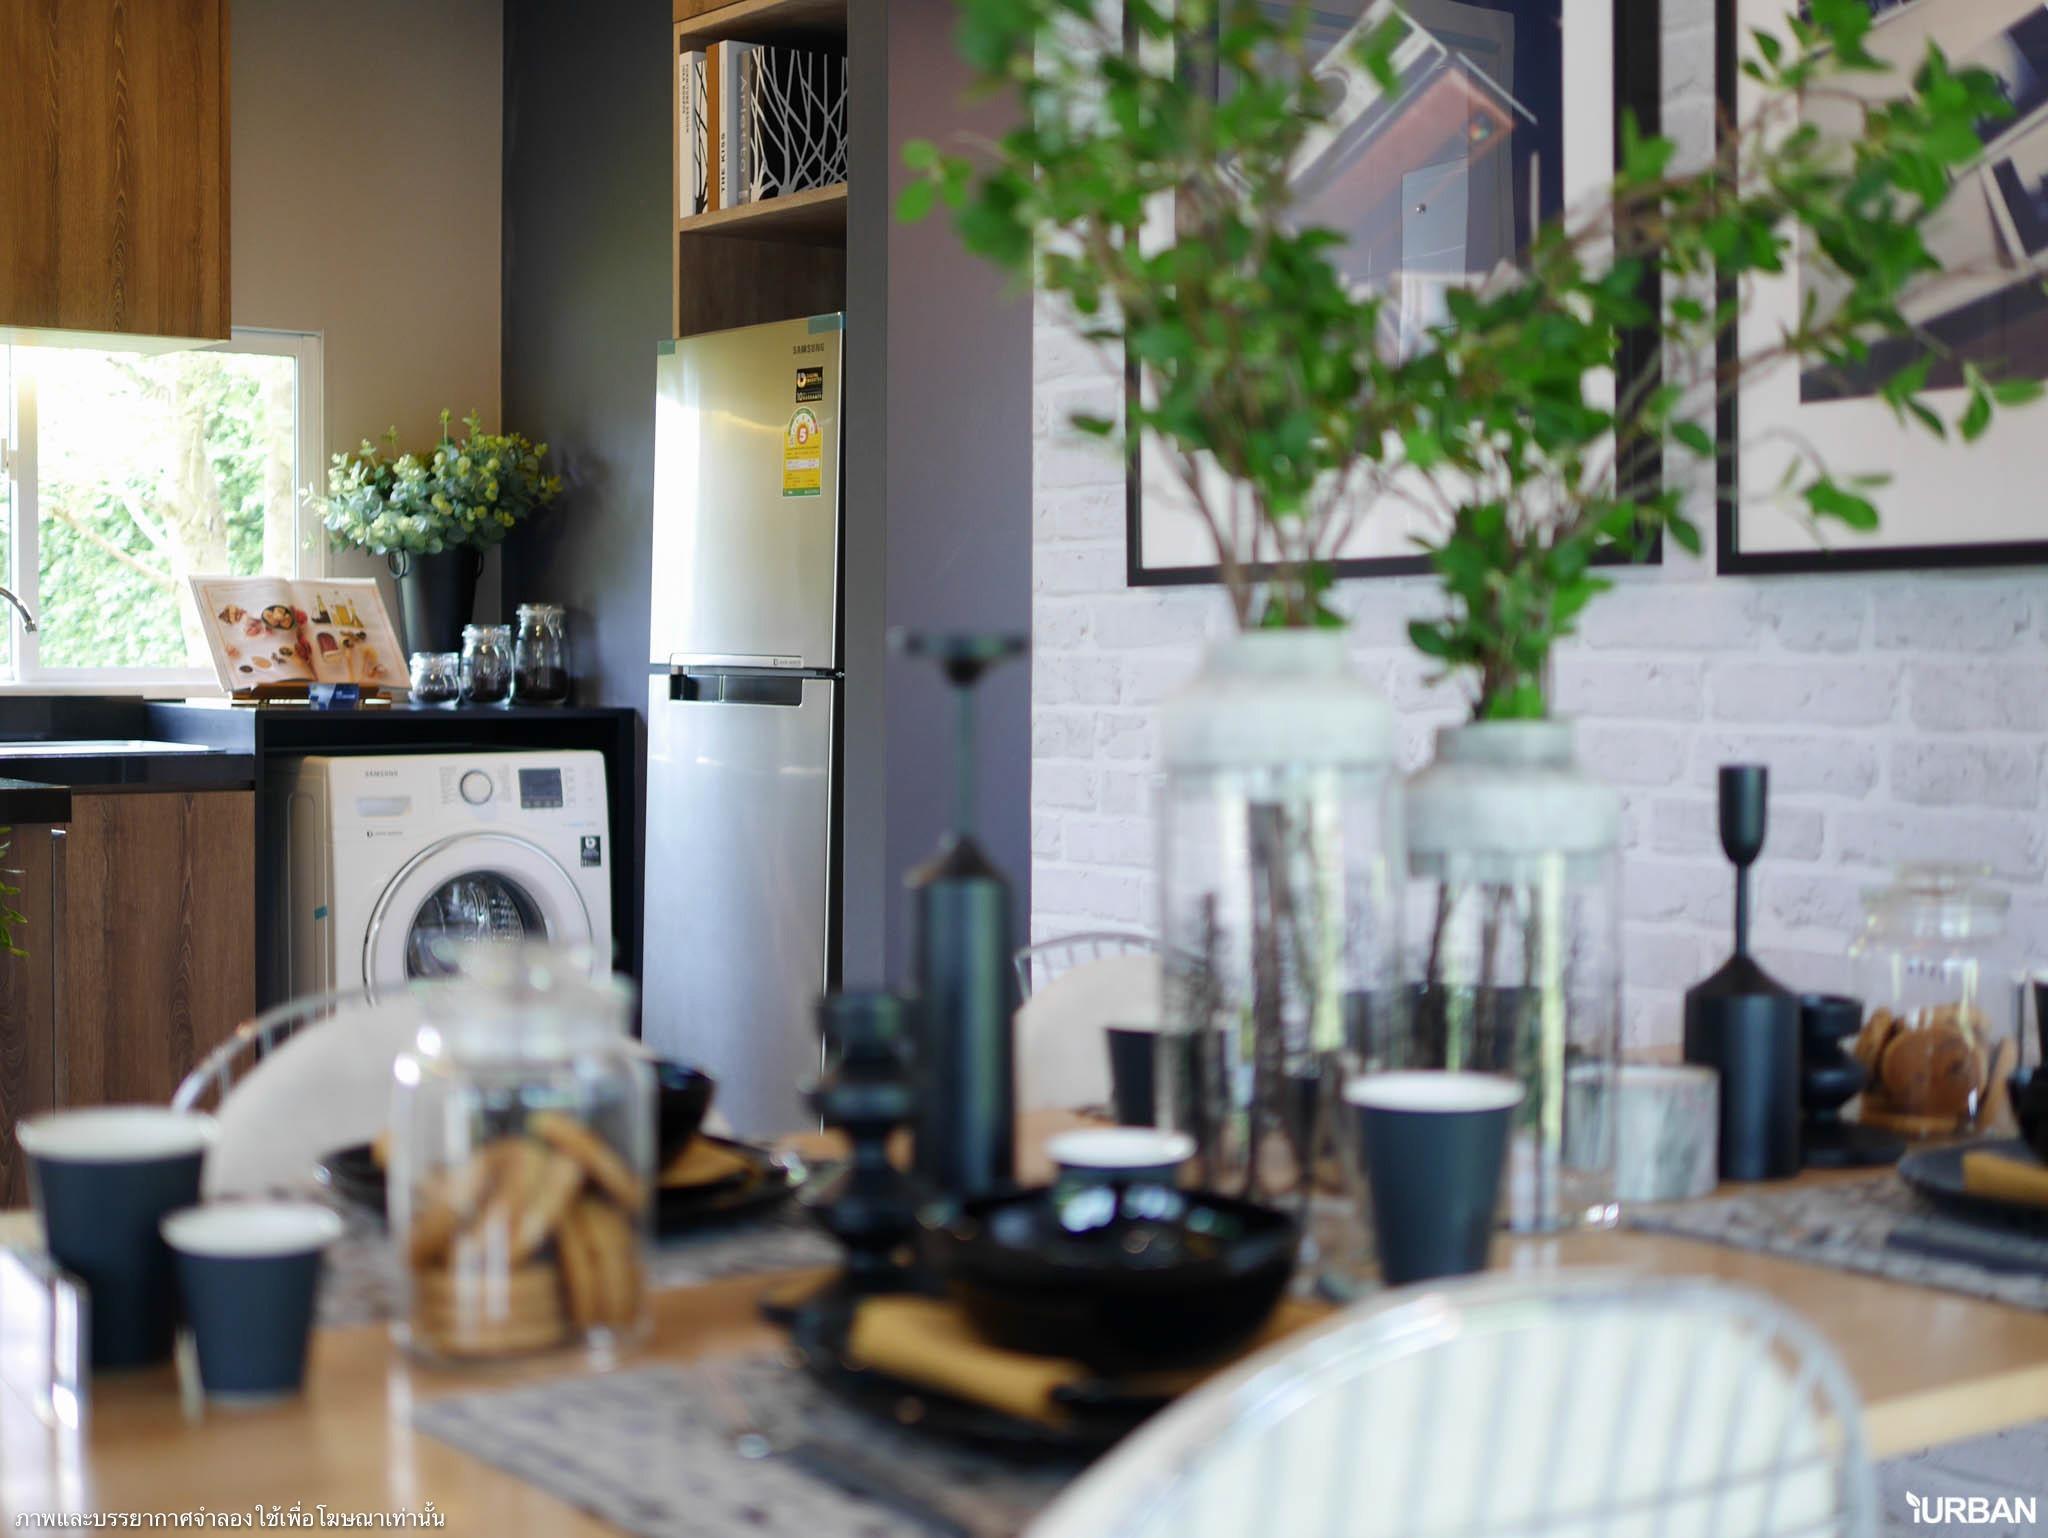 The Plant เทพารักษ์-บางนา ชมบ้านตัวอย่างและรีวิวโครงการ บ้านเดี่ยวดีไซน์สวย ทำเลดีใกล้ห้างและตลาด เริ่ม 3.8 ล้าน 33 - Megabangna (เมกาบางนา)